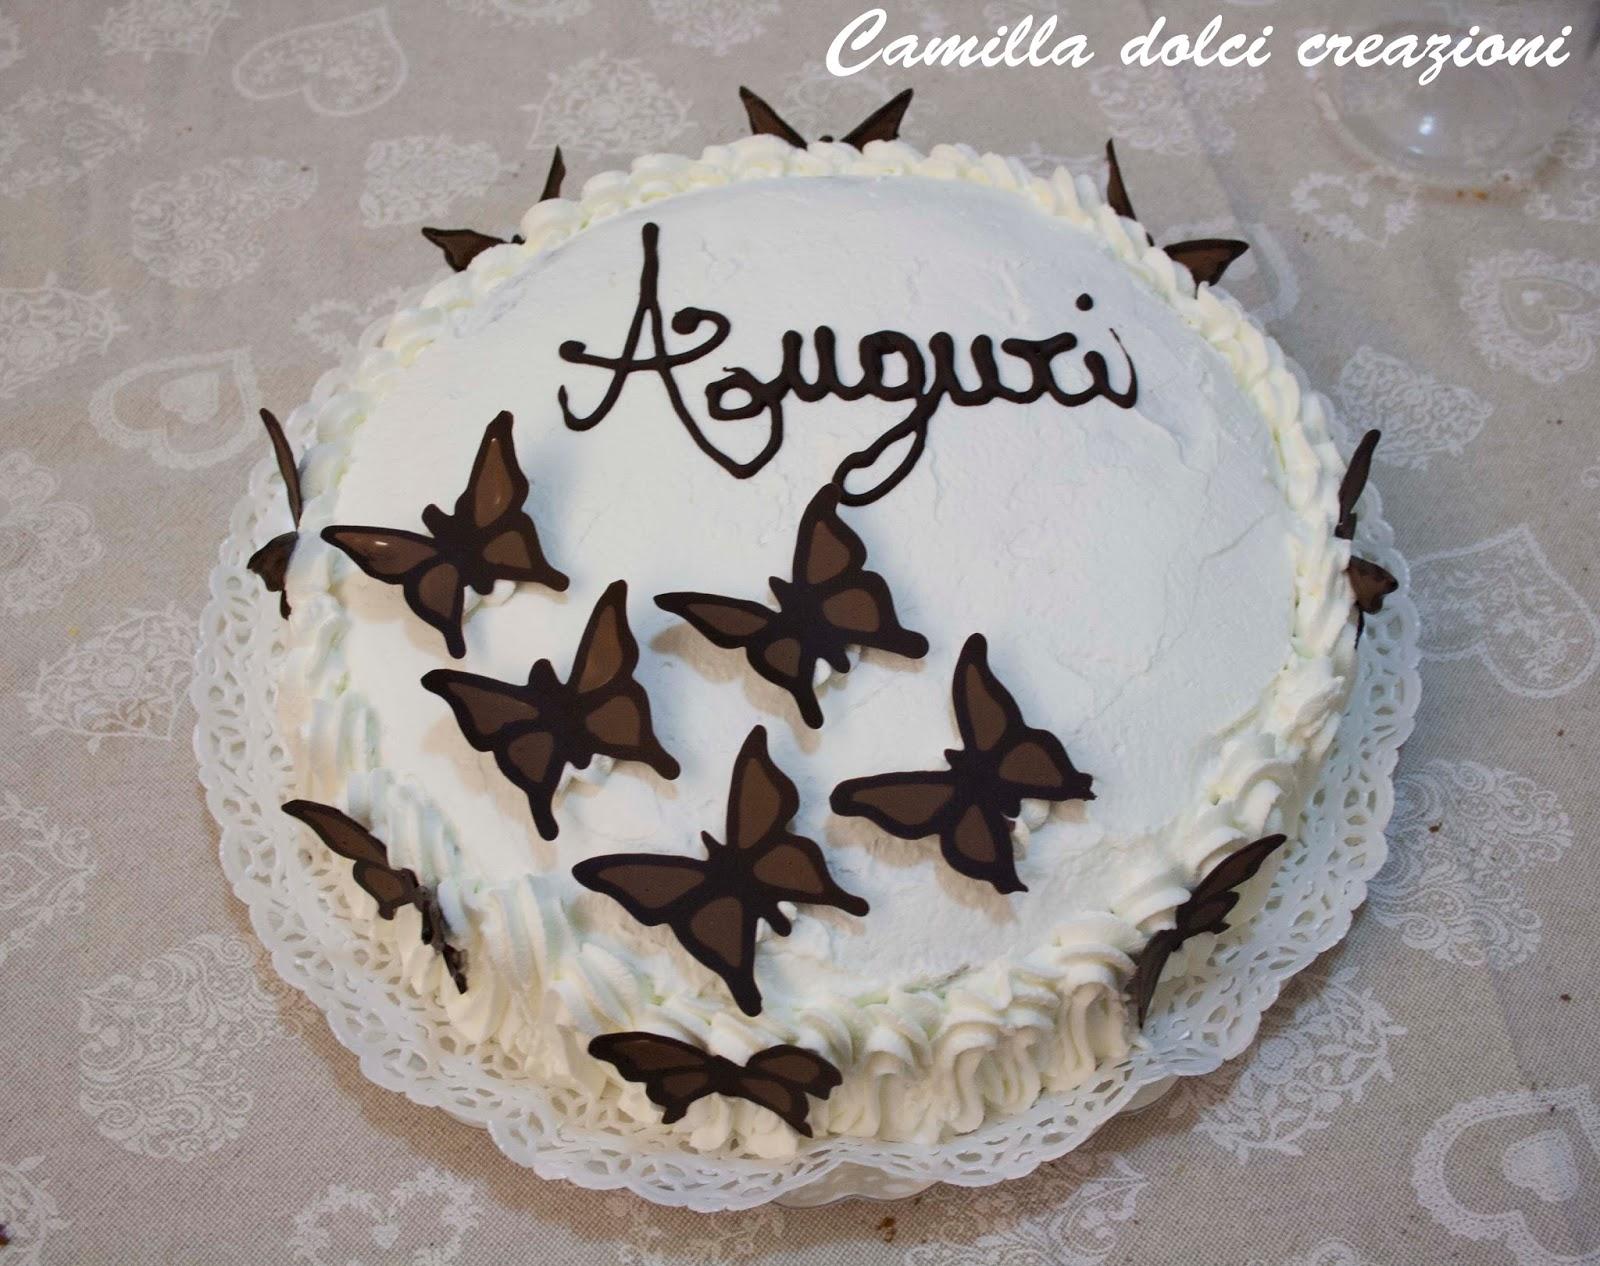 Conosciuto Camilla dolci creazioni: Torta di compleanno con farfalle AU52